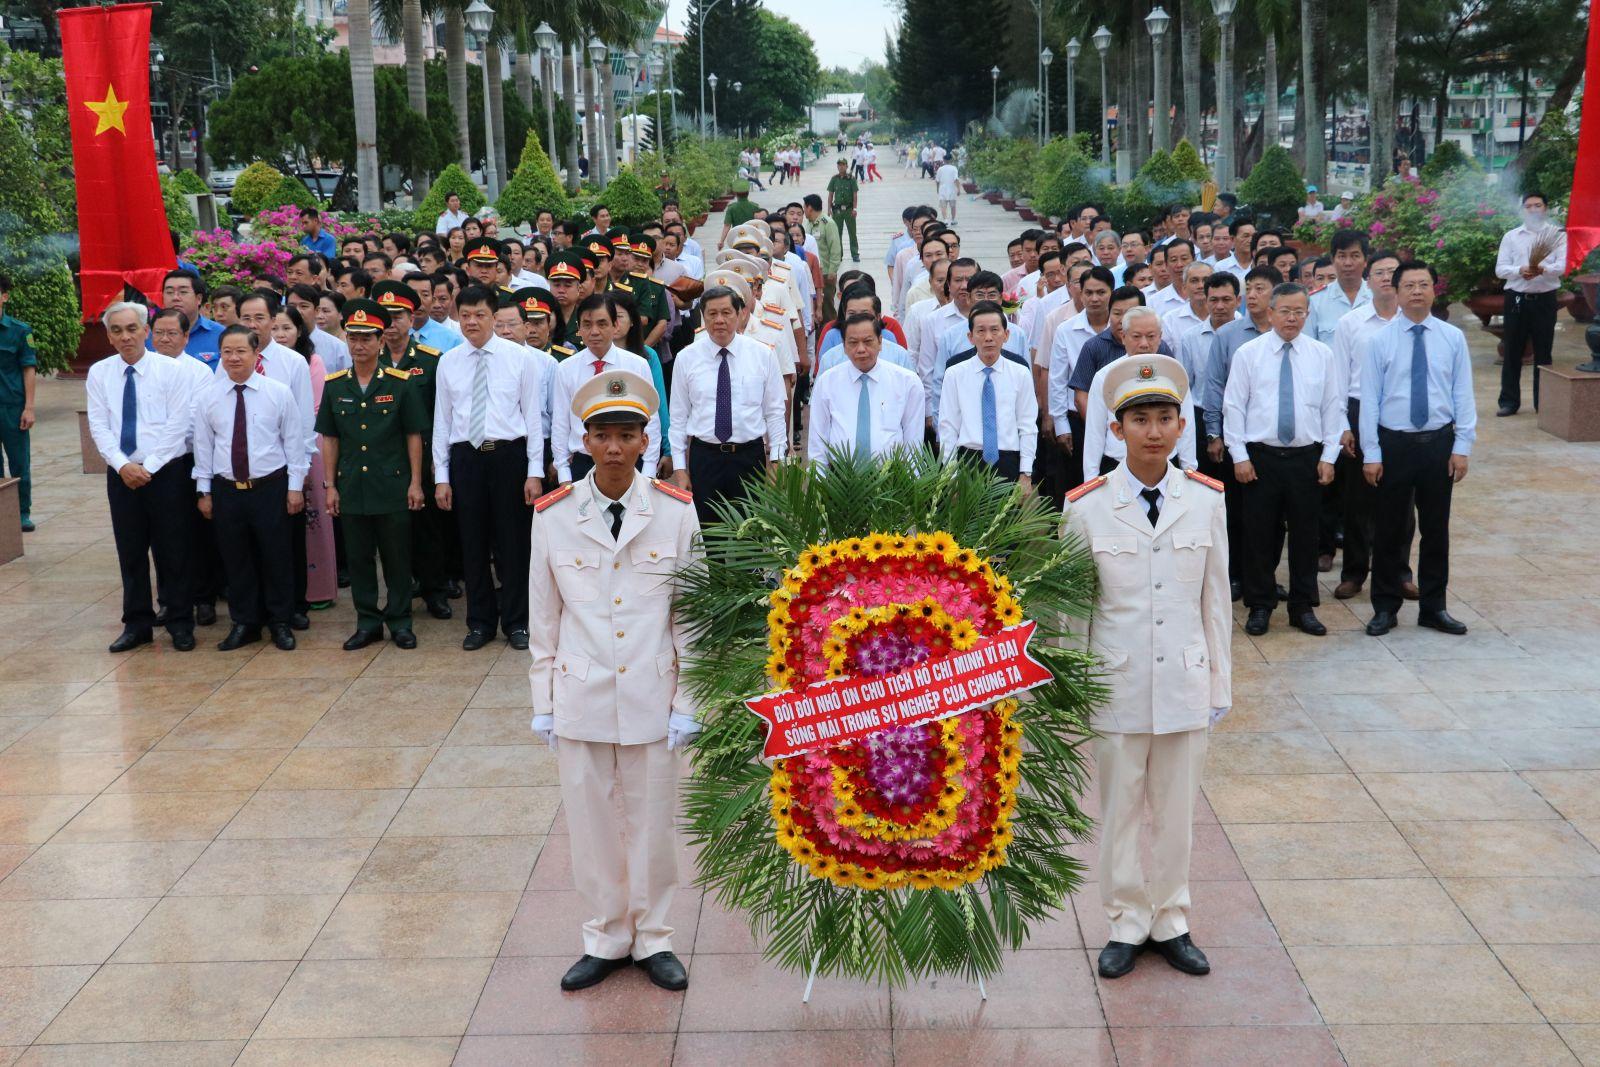 Đoàn đại biểu Quân khu 9 và TP Cần Thơ viếng và dâng hoa tại Tượng đài Chủ tịch Hồ Chí Minh.